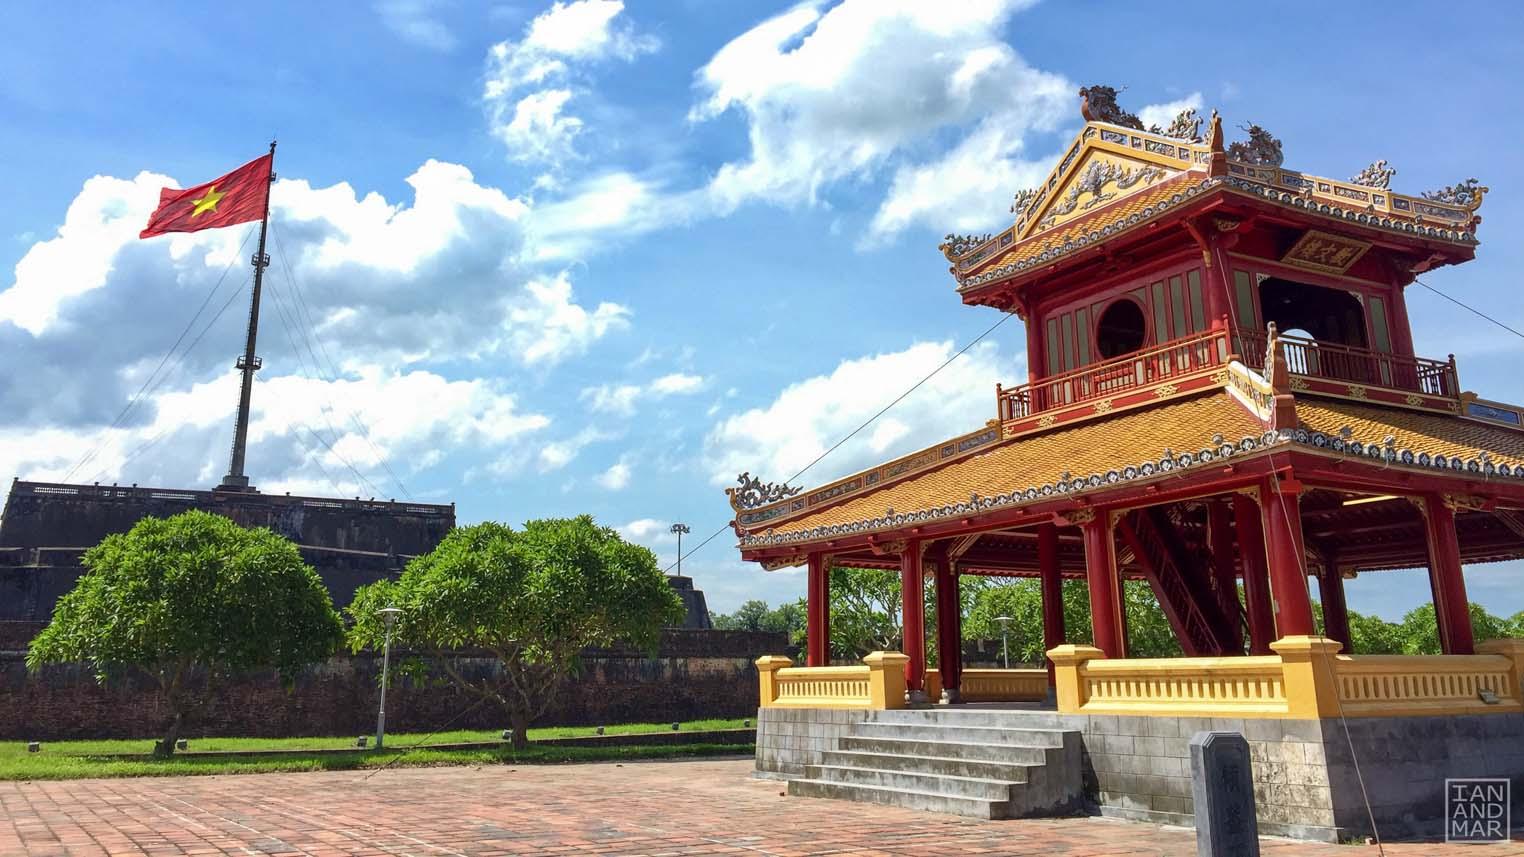 vietnamese flag and pagoda